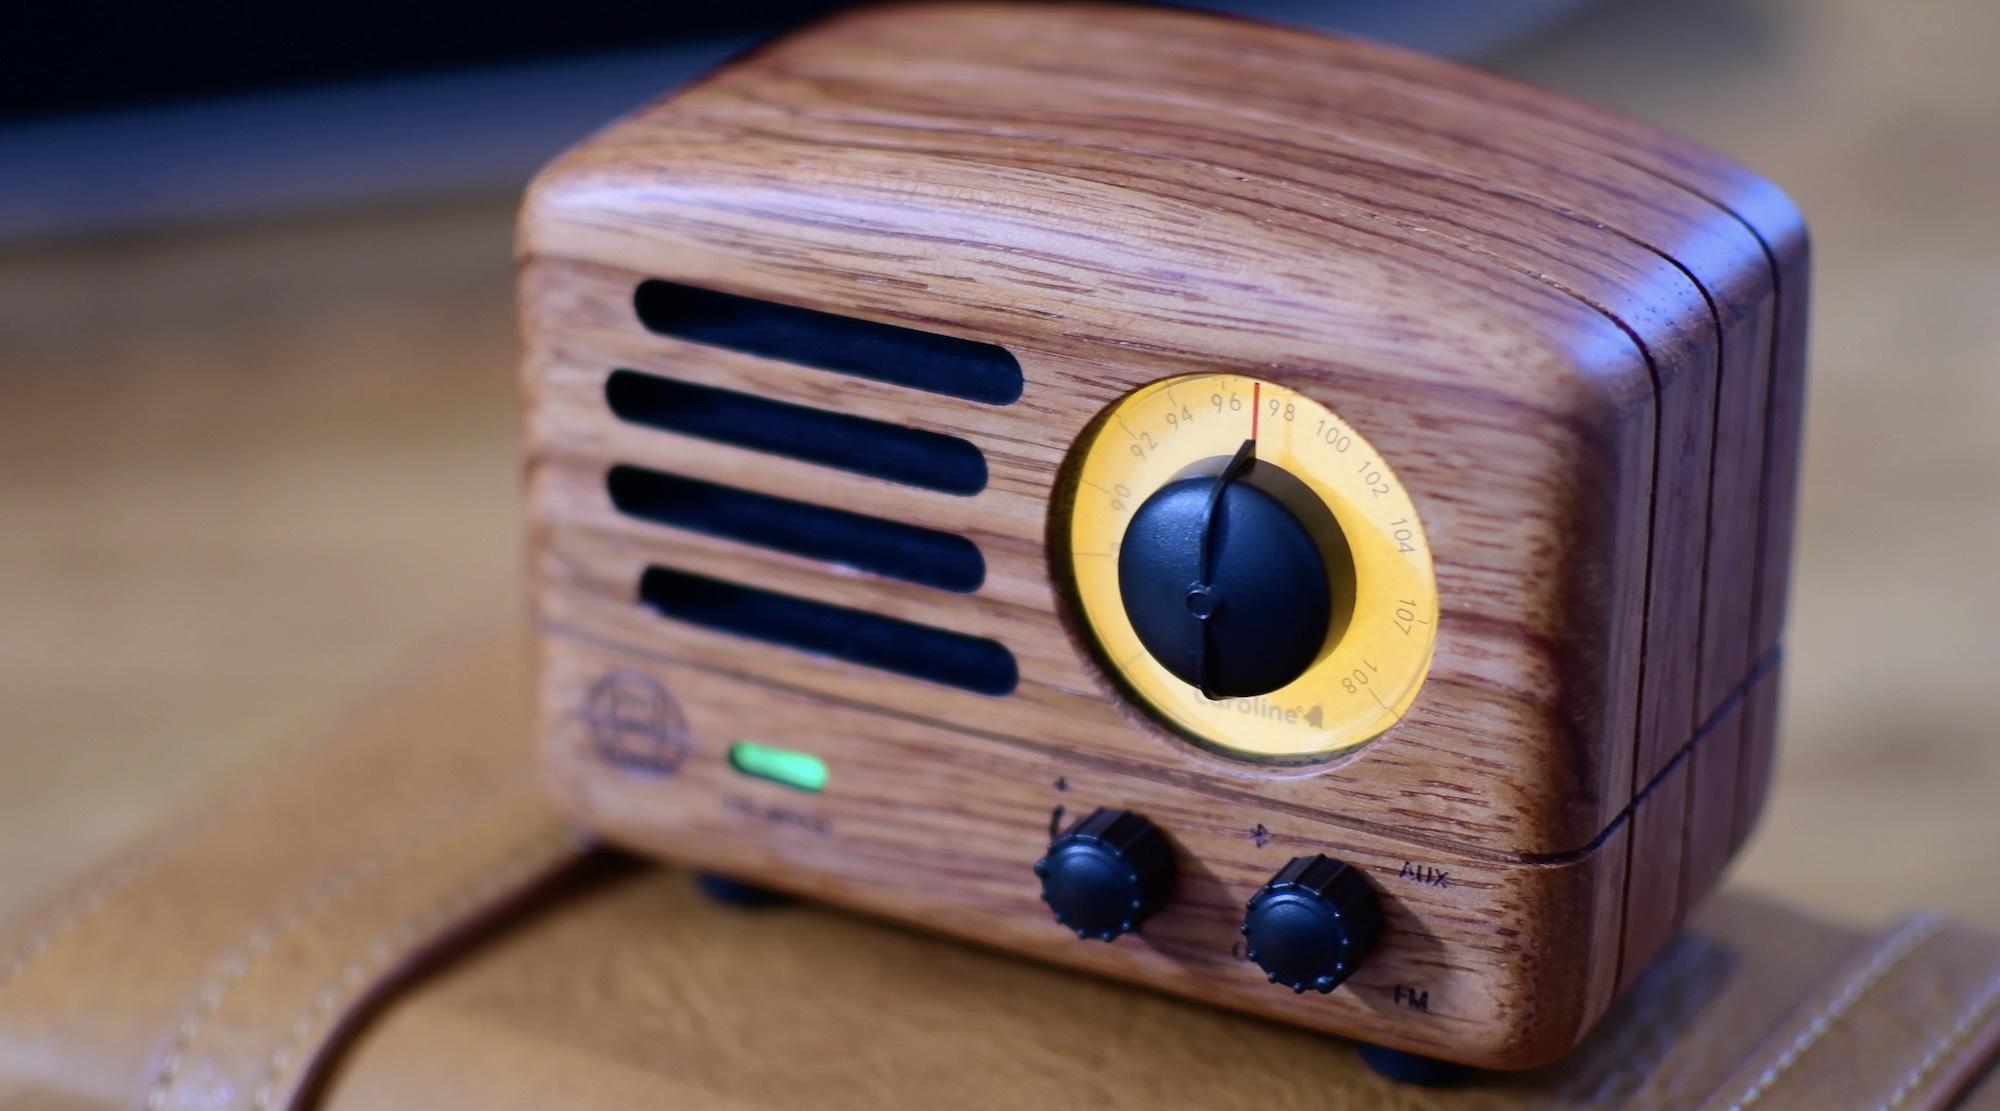 Review: I Love The Look Of The Retro Muzen Speaker & Radio